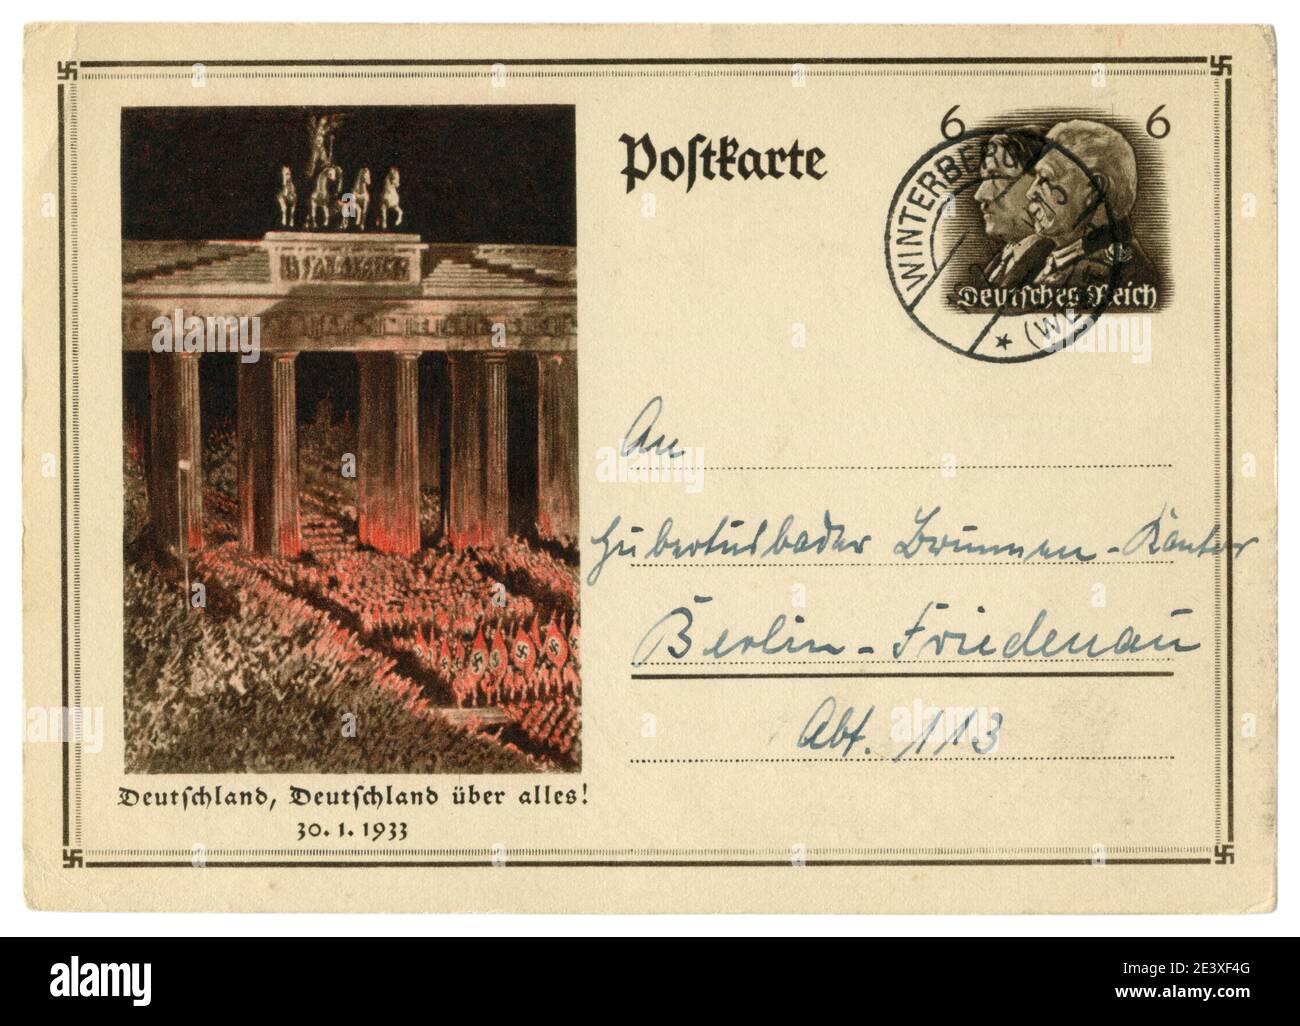 Deutsche Historische Postkarte: Jahrestag des Sturzes der Macht. SA Truppen vorbei an der Bradenburg Tor. 30 Januar 1933, Deutschland, Drittes Reich Stockfoto